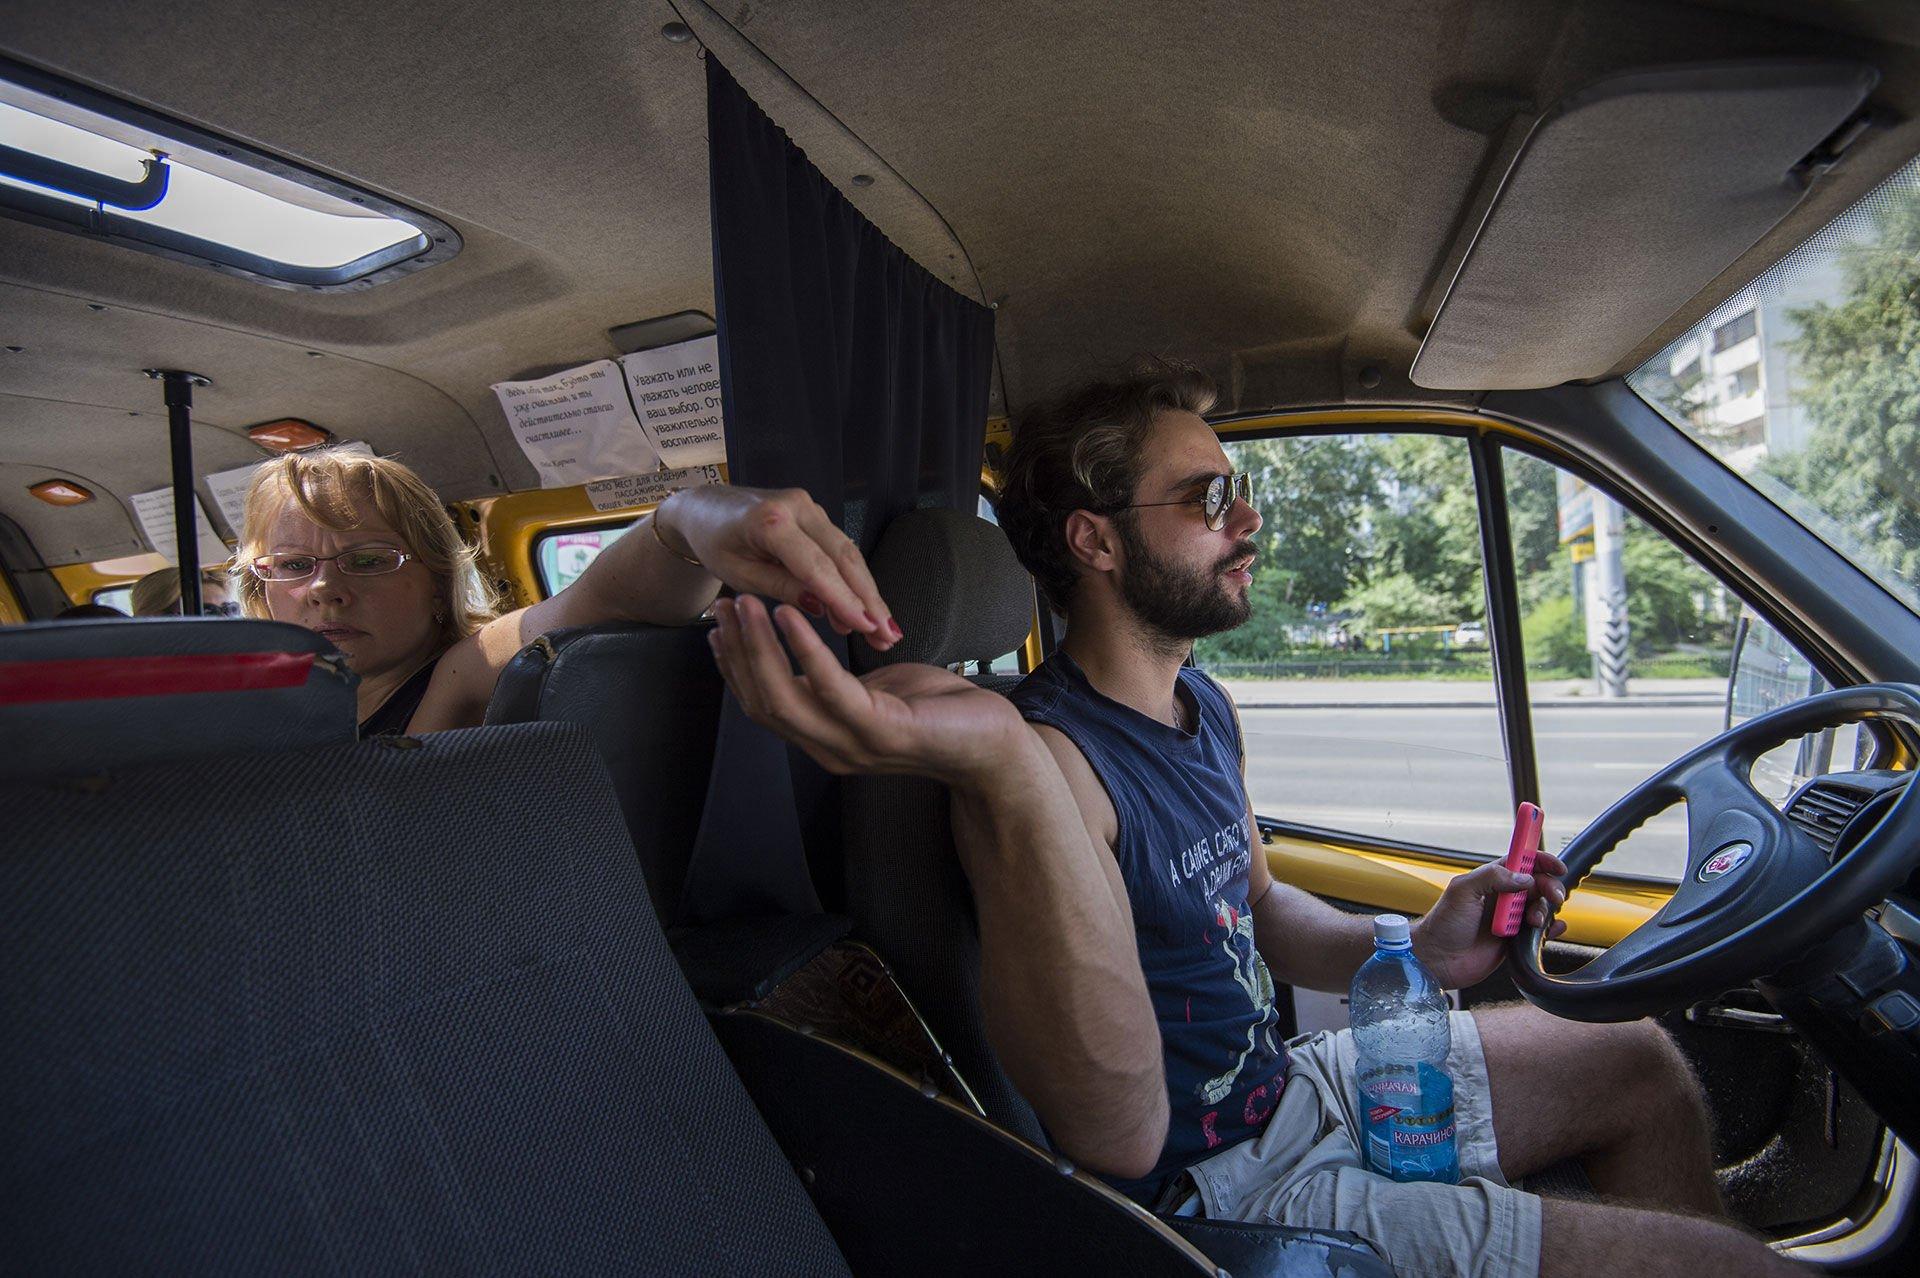 Трахнул в микроавтобусе, Автобус:видео. Бесплатное порно HQ Hole 21 фотография